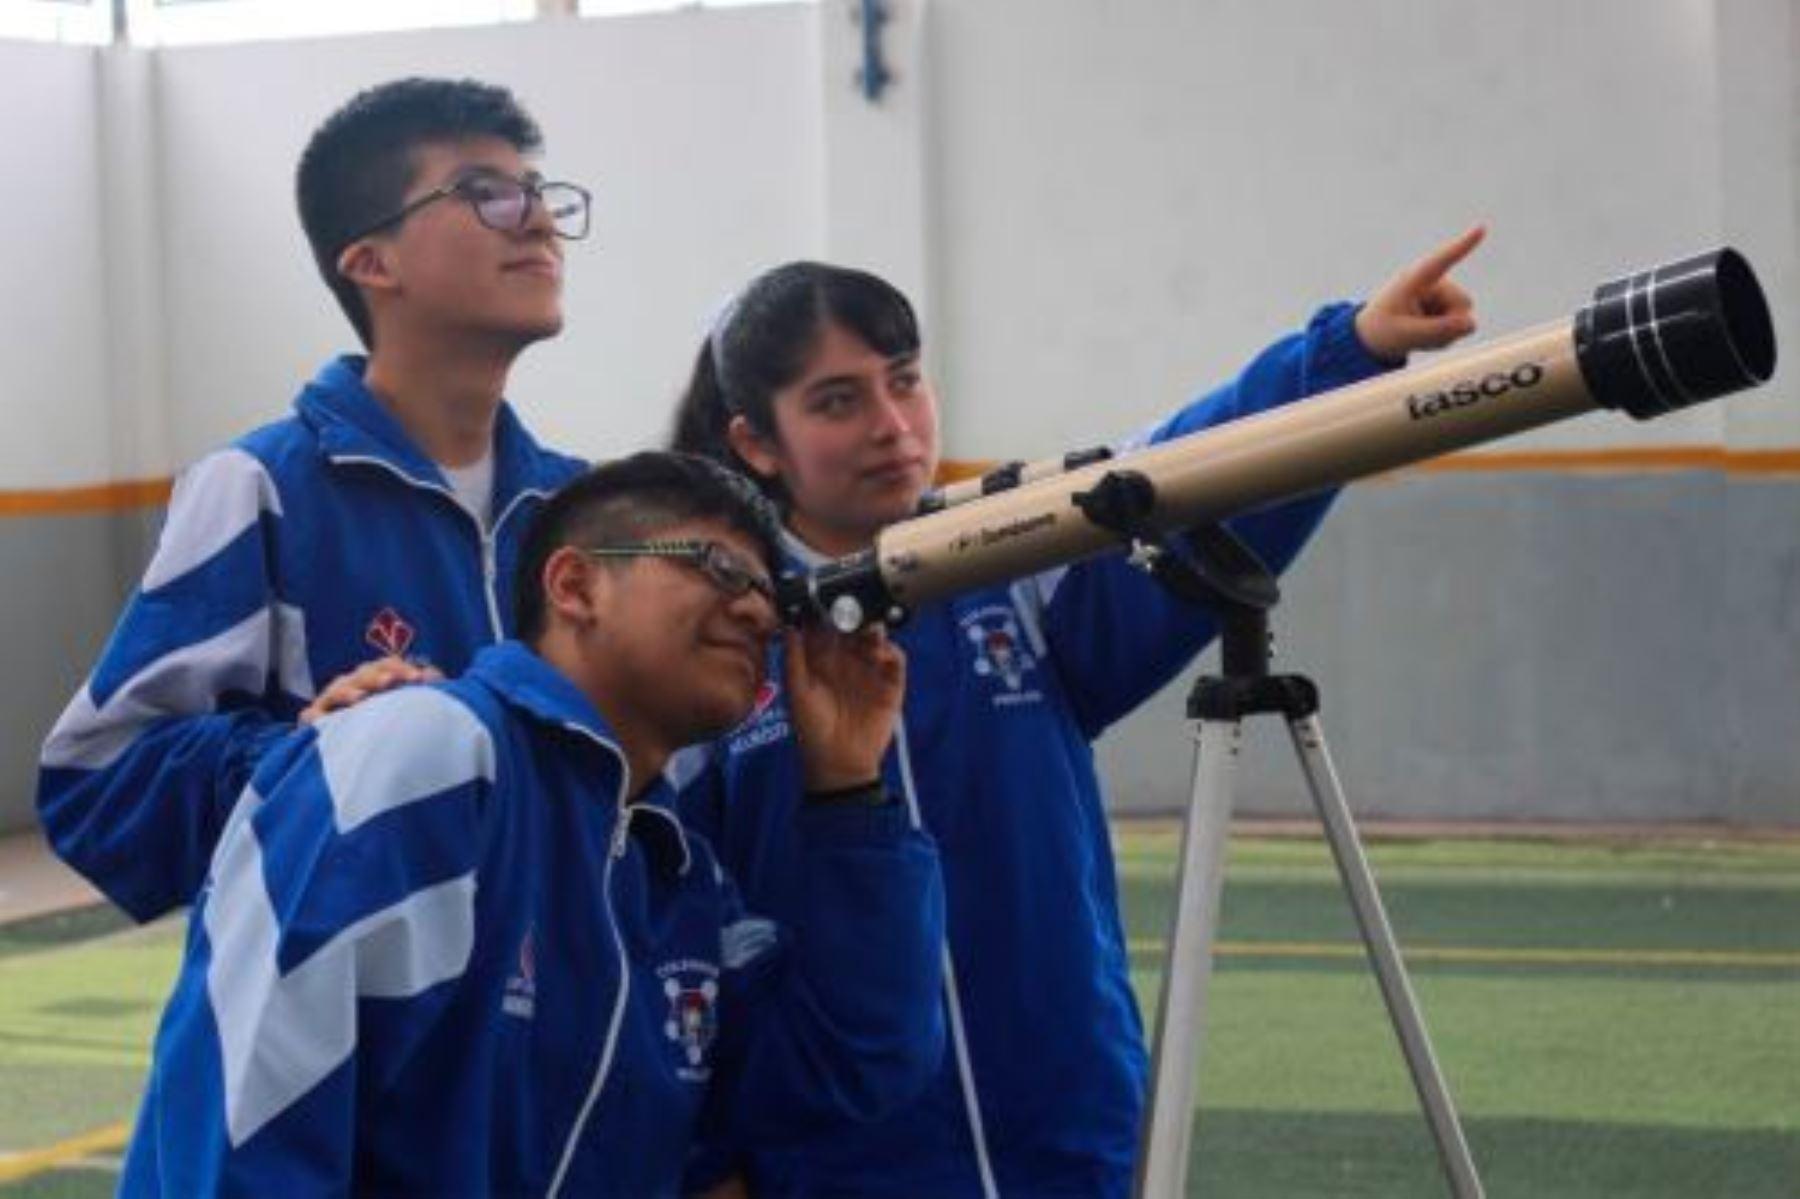 ¿Te apasiona estudiar el Universo? participa en esta Olimpiada Escolar de Astronomía